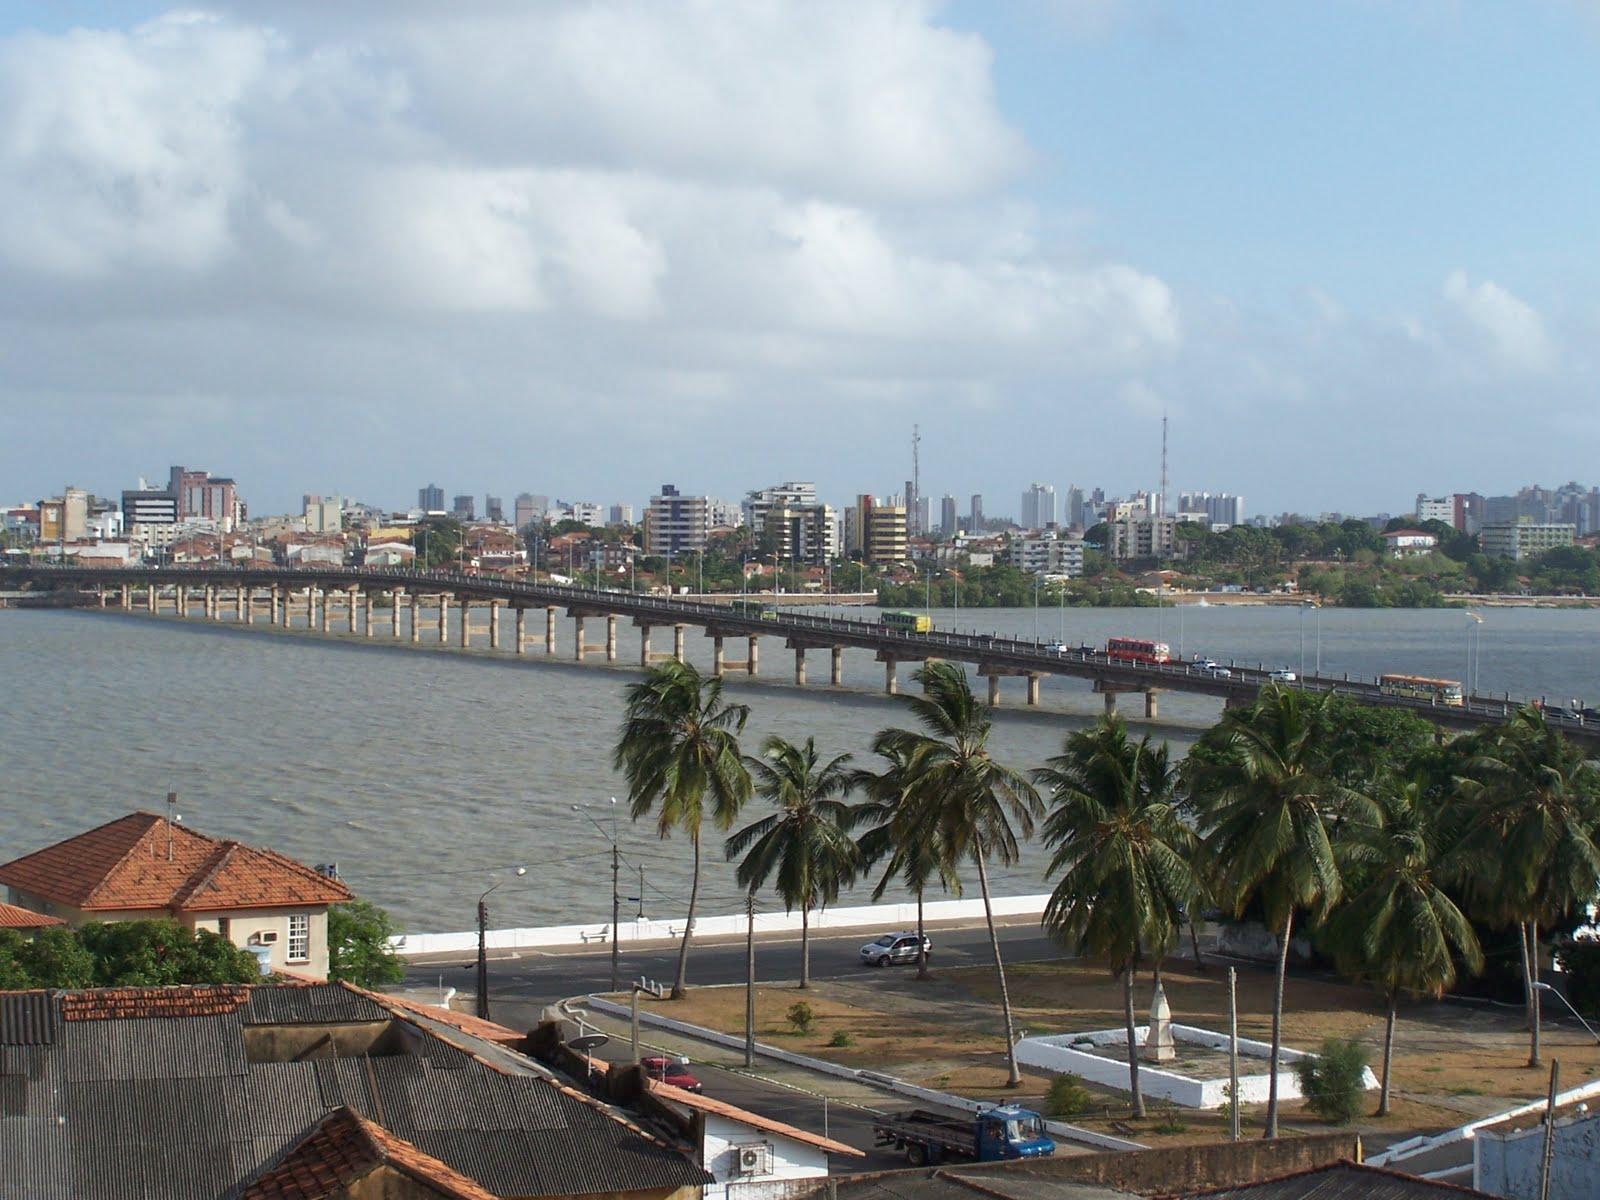 #416A8A baixo brasil: Festival Baixo Brasil São Luis MA master class 2 116 Janelas De Vidro Em Sao Luis Ma